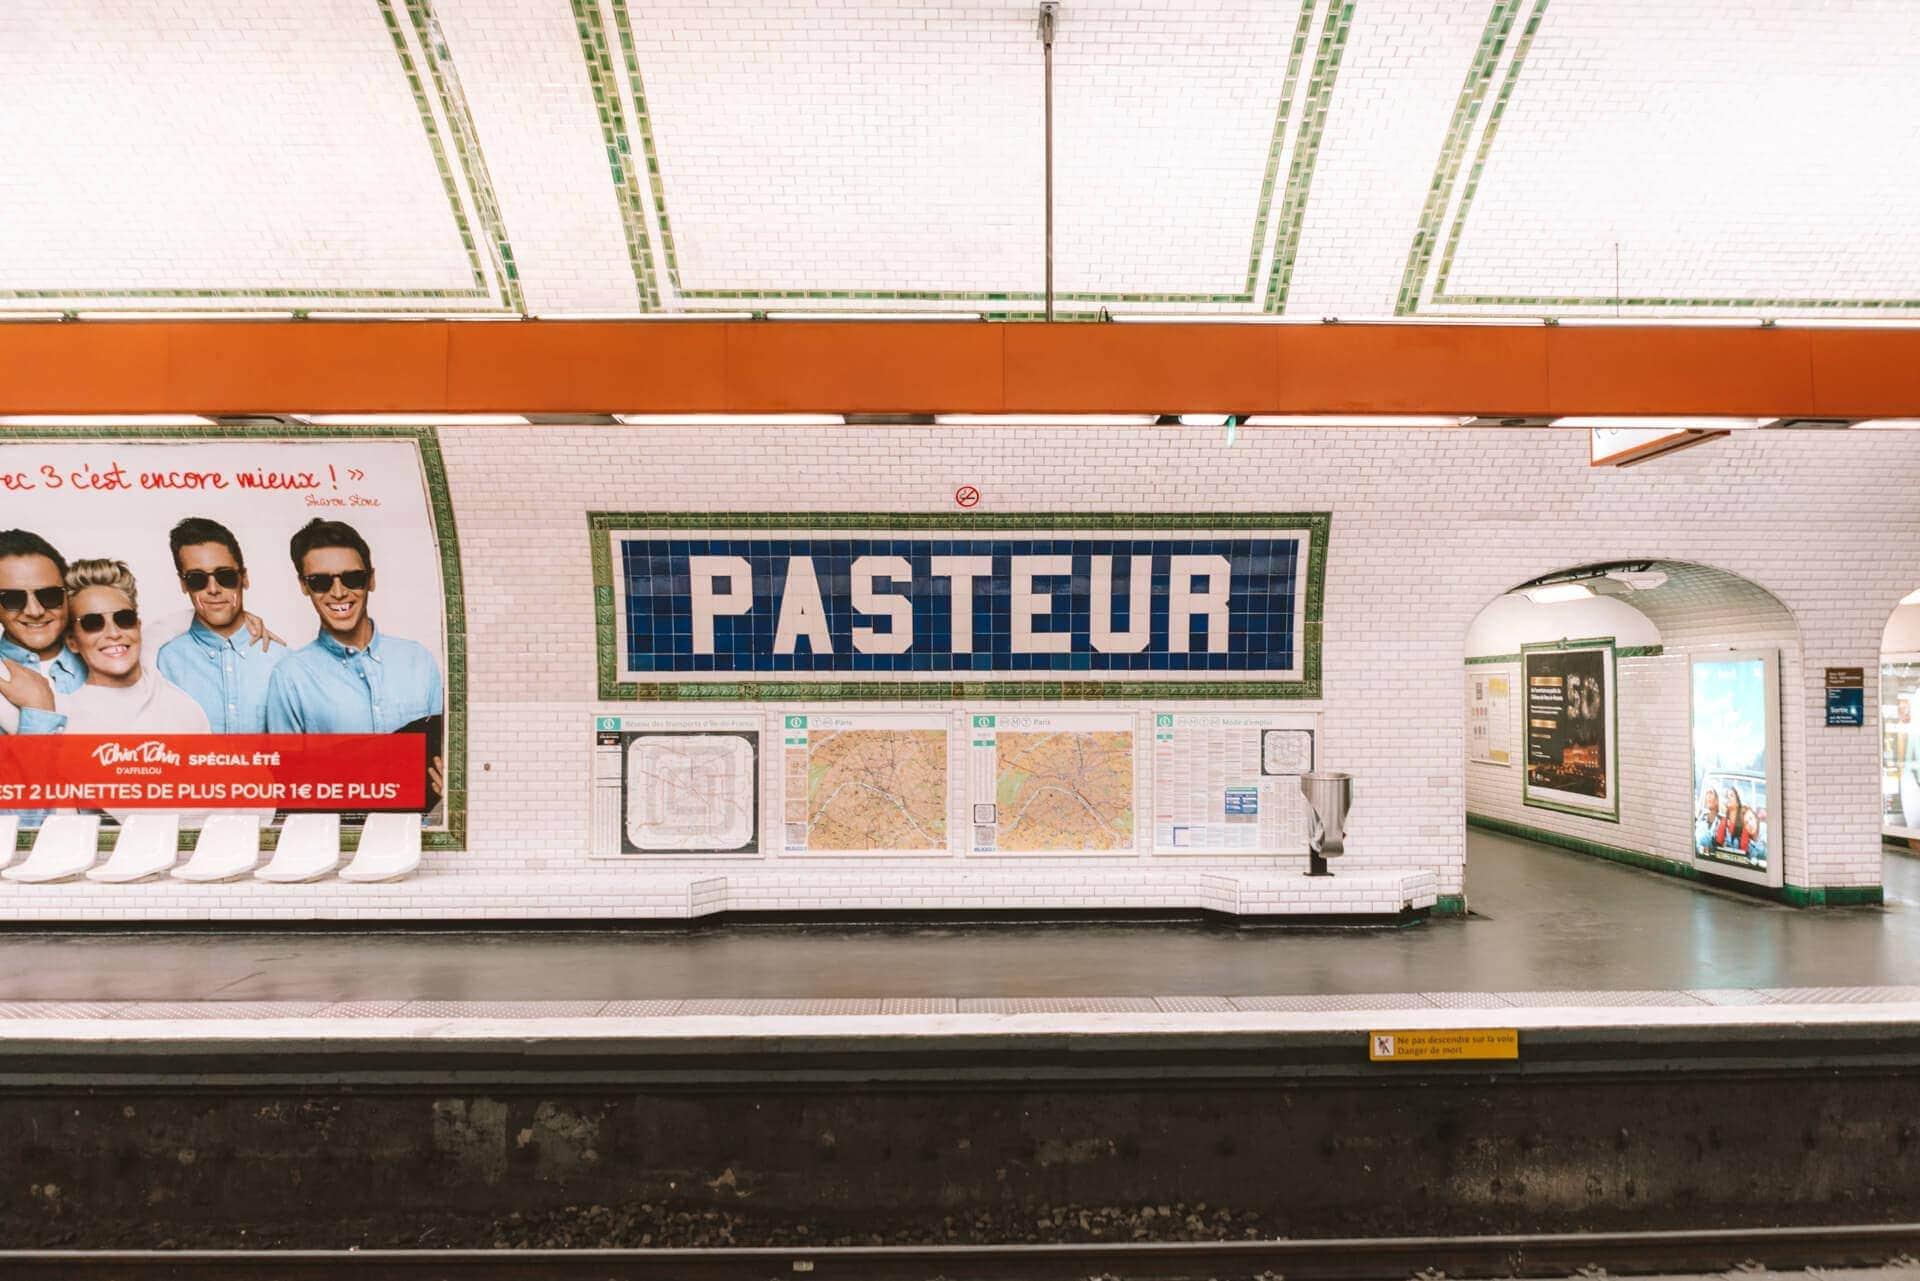 paris city trip guide transportation